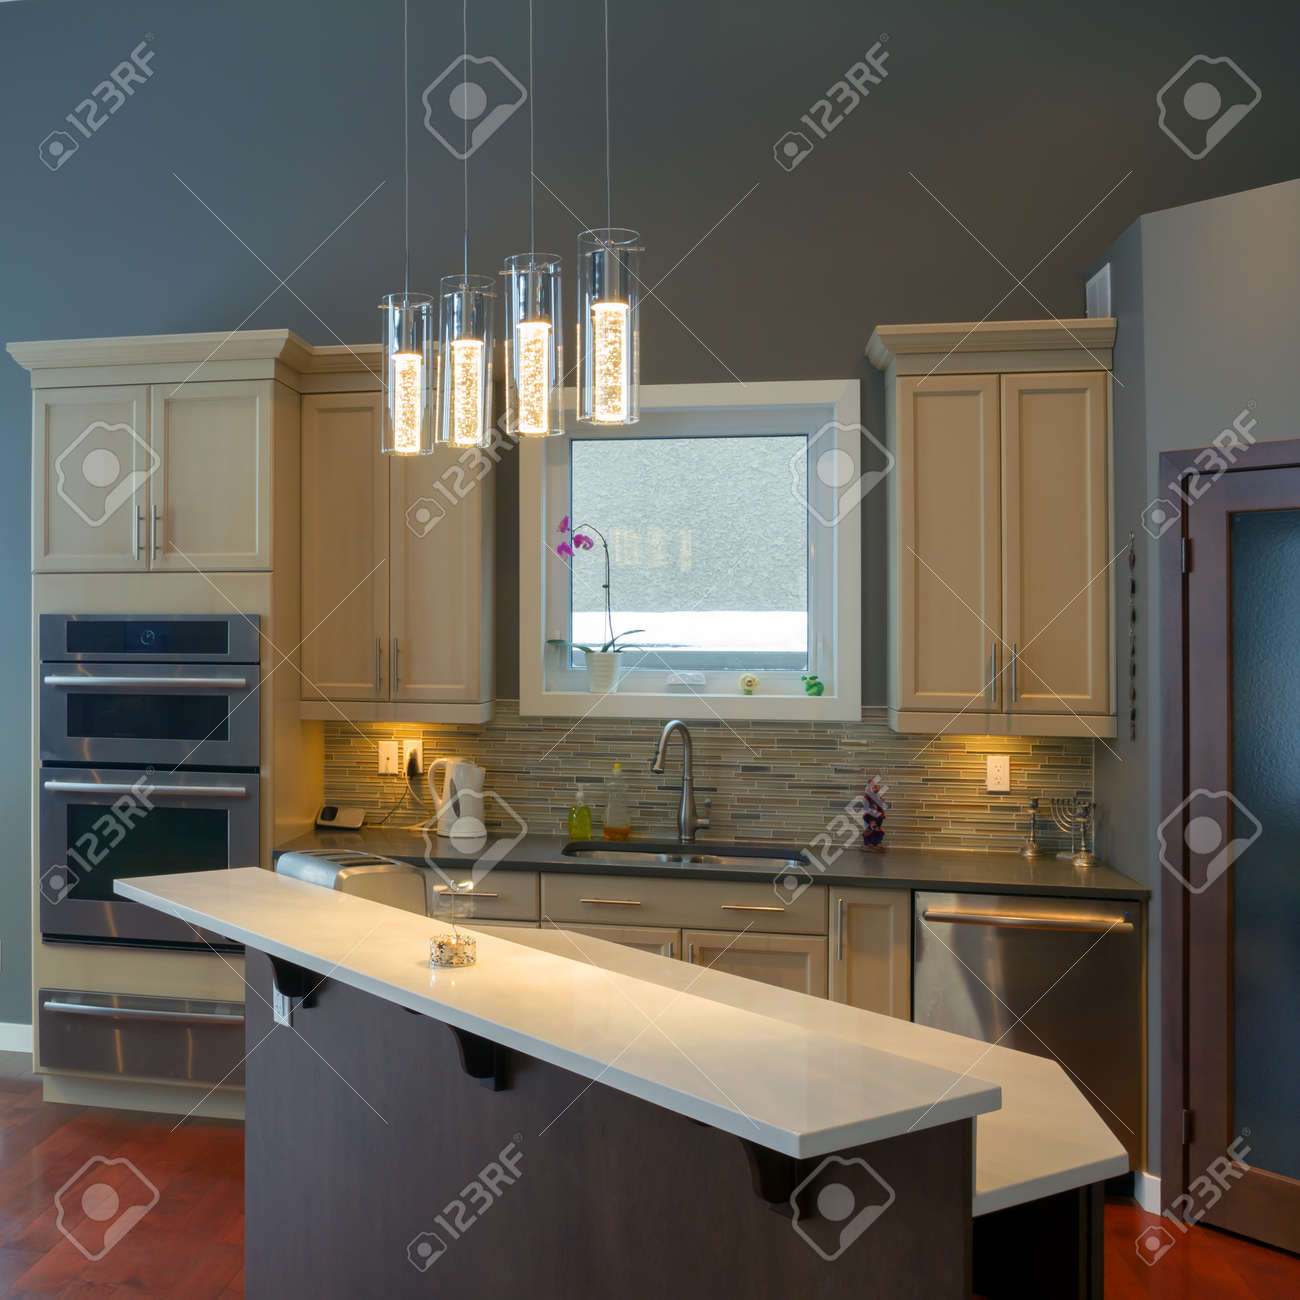 Cocina Moderna Del Diseño Interior En Una Casa Nueva Fotos, Retratos ...